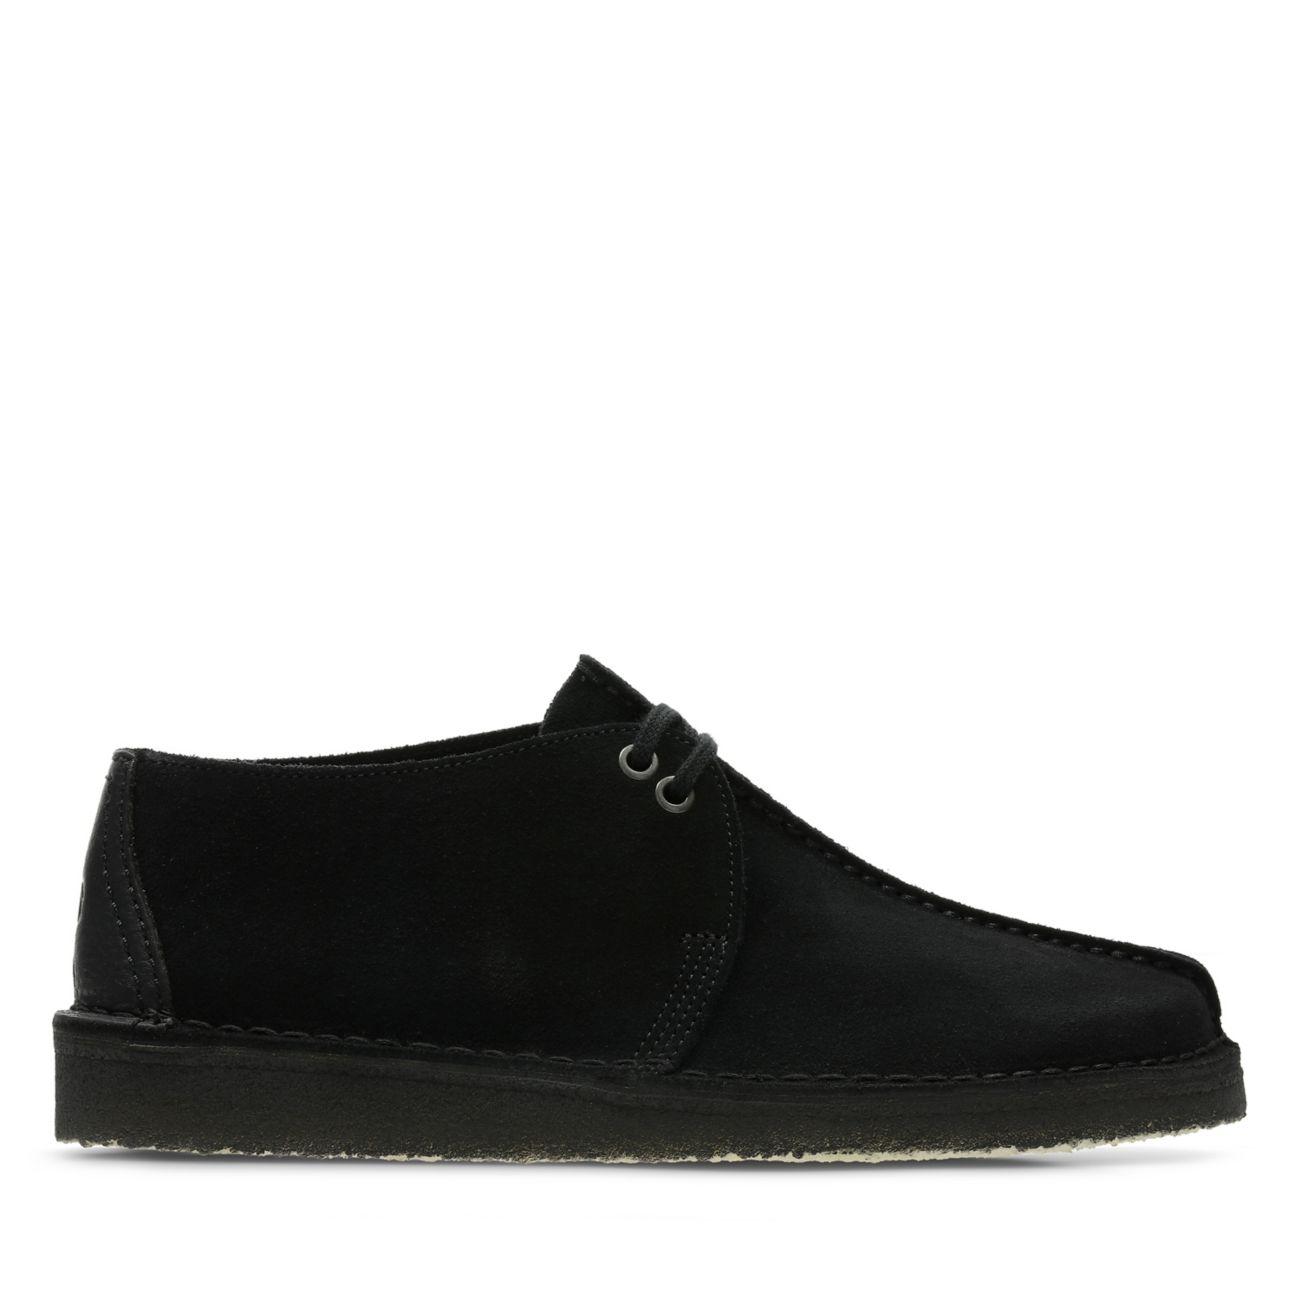 Men Shoes Clarks Originals DESERT Casual lace ups black